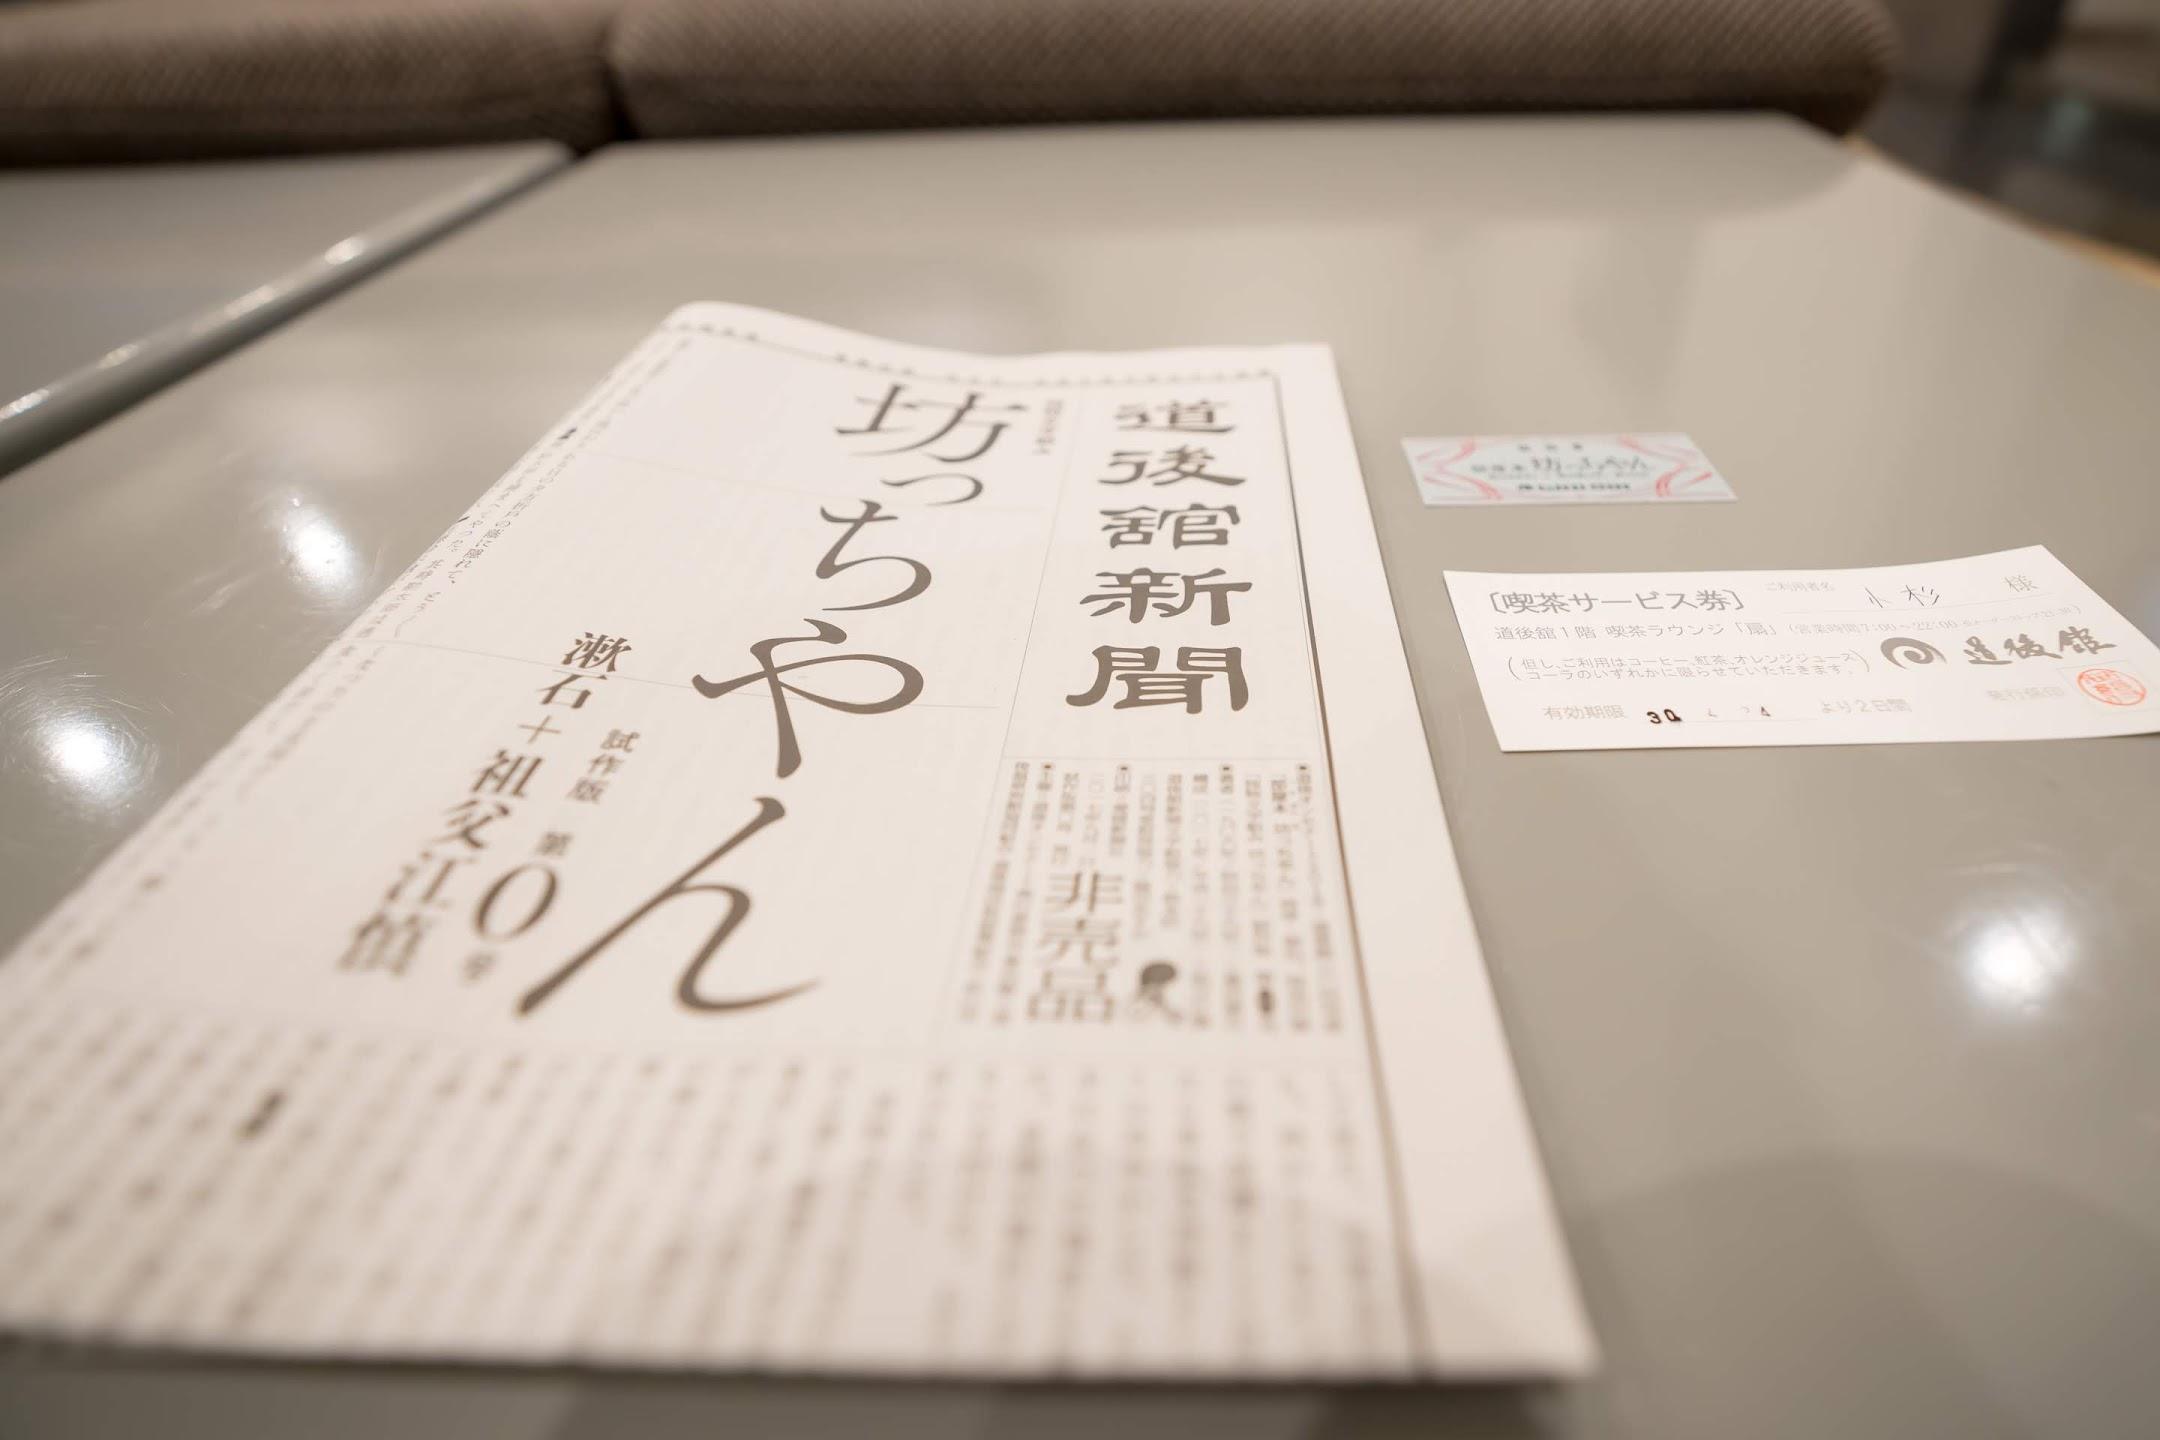 道後アート 祖父江慎 部屋本 坊っちやん3